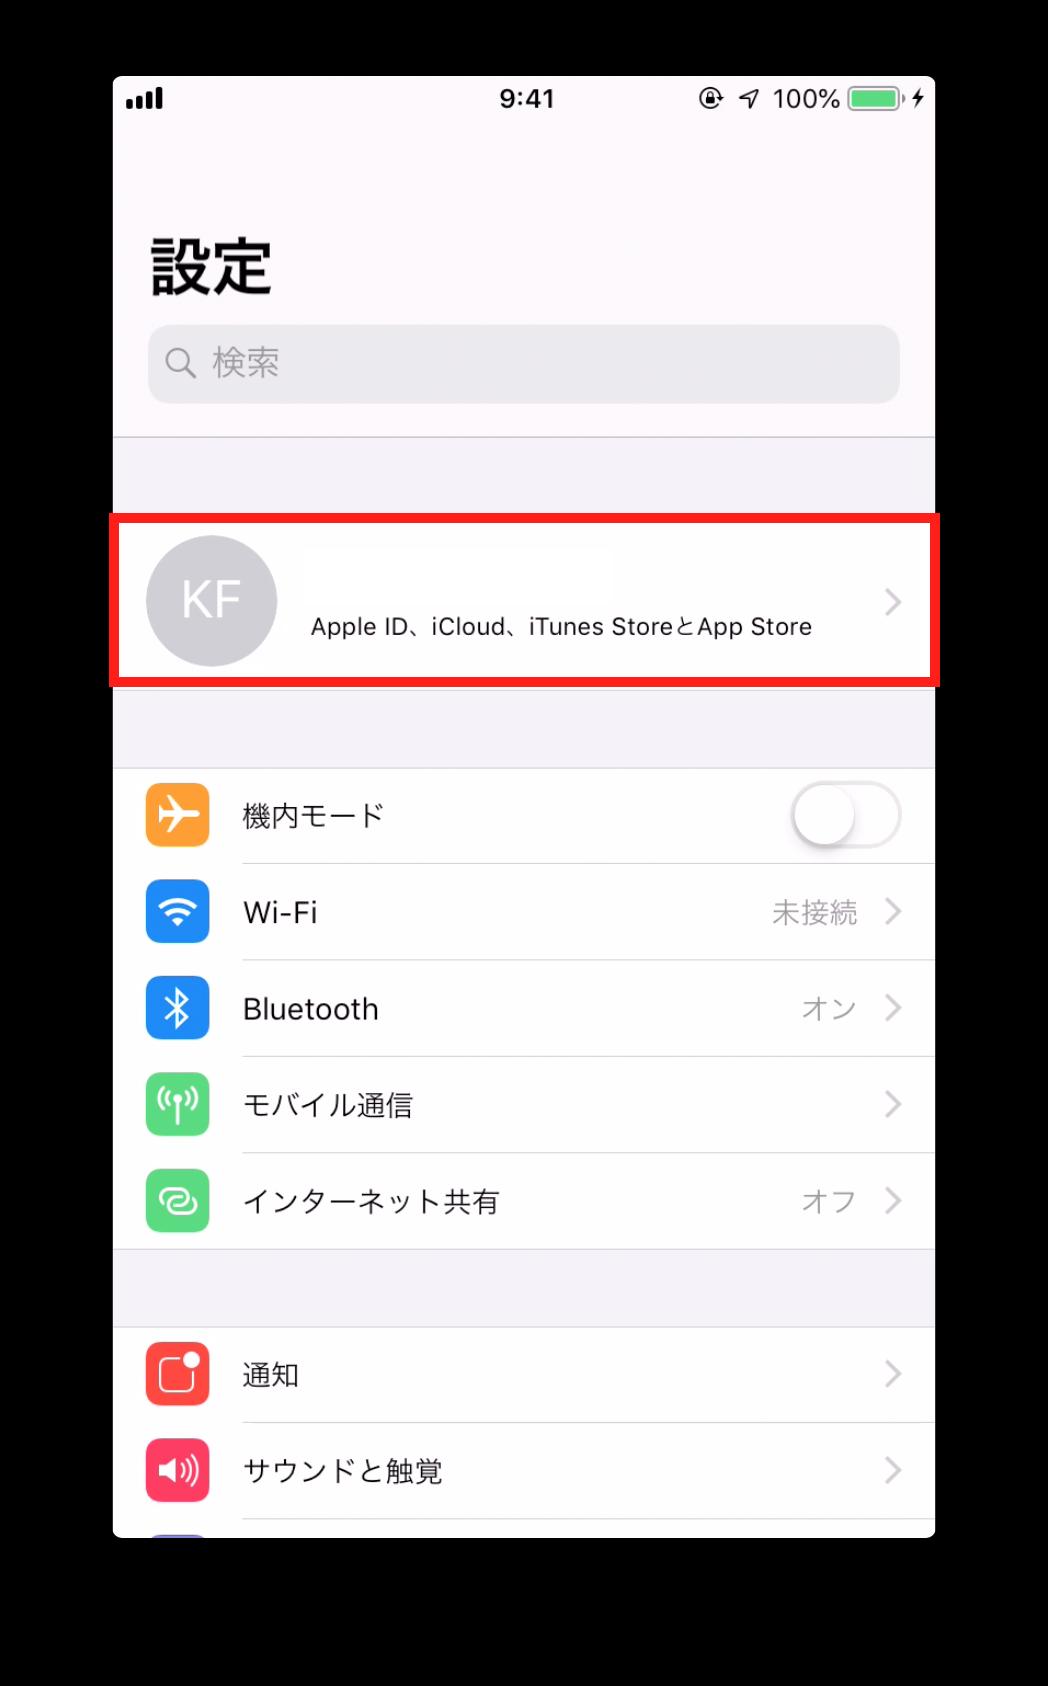 た 消え iphone メモ